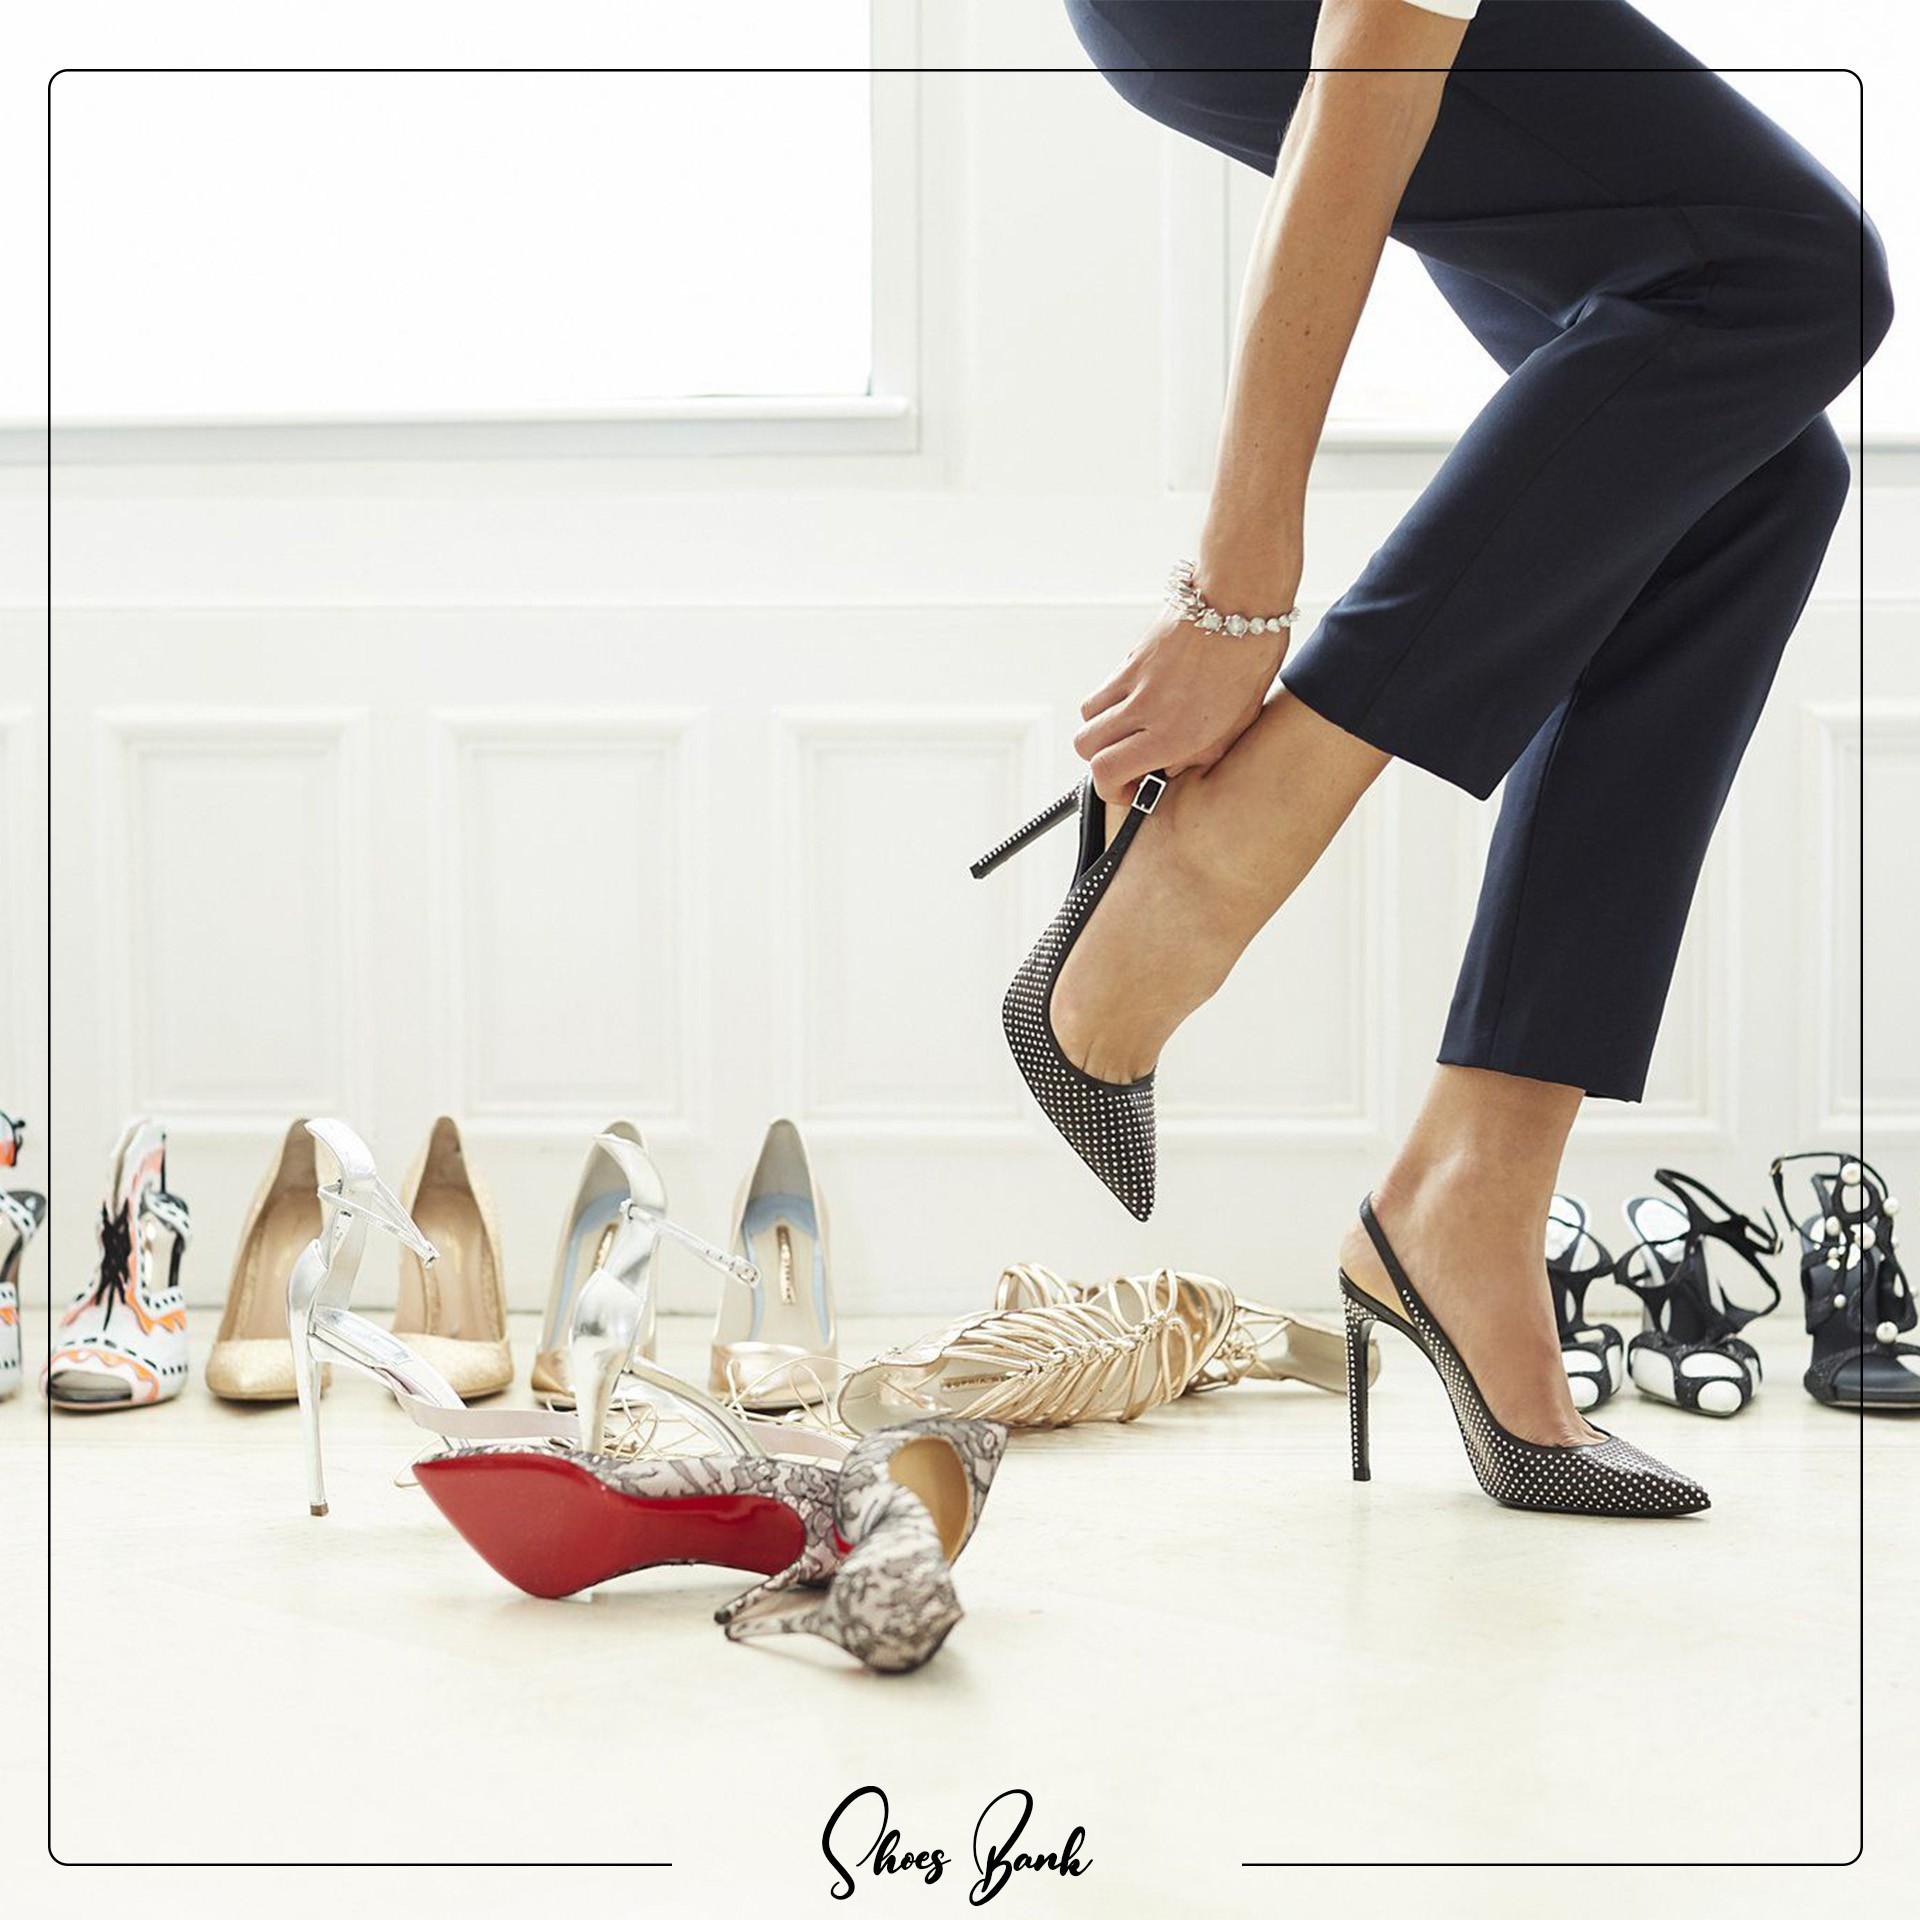 پوشیدن کفش نامناسب